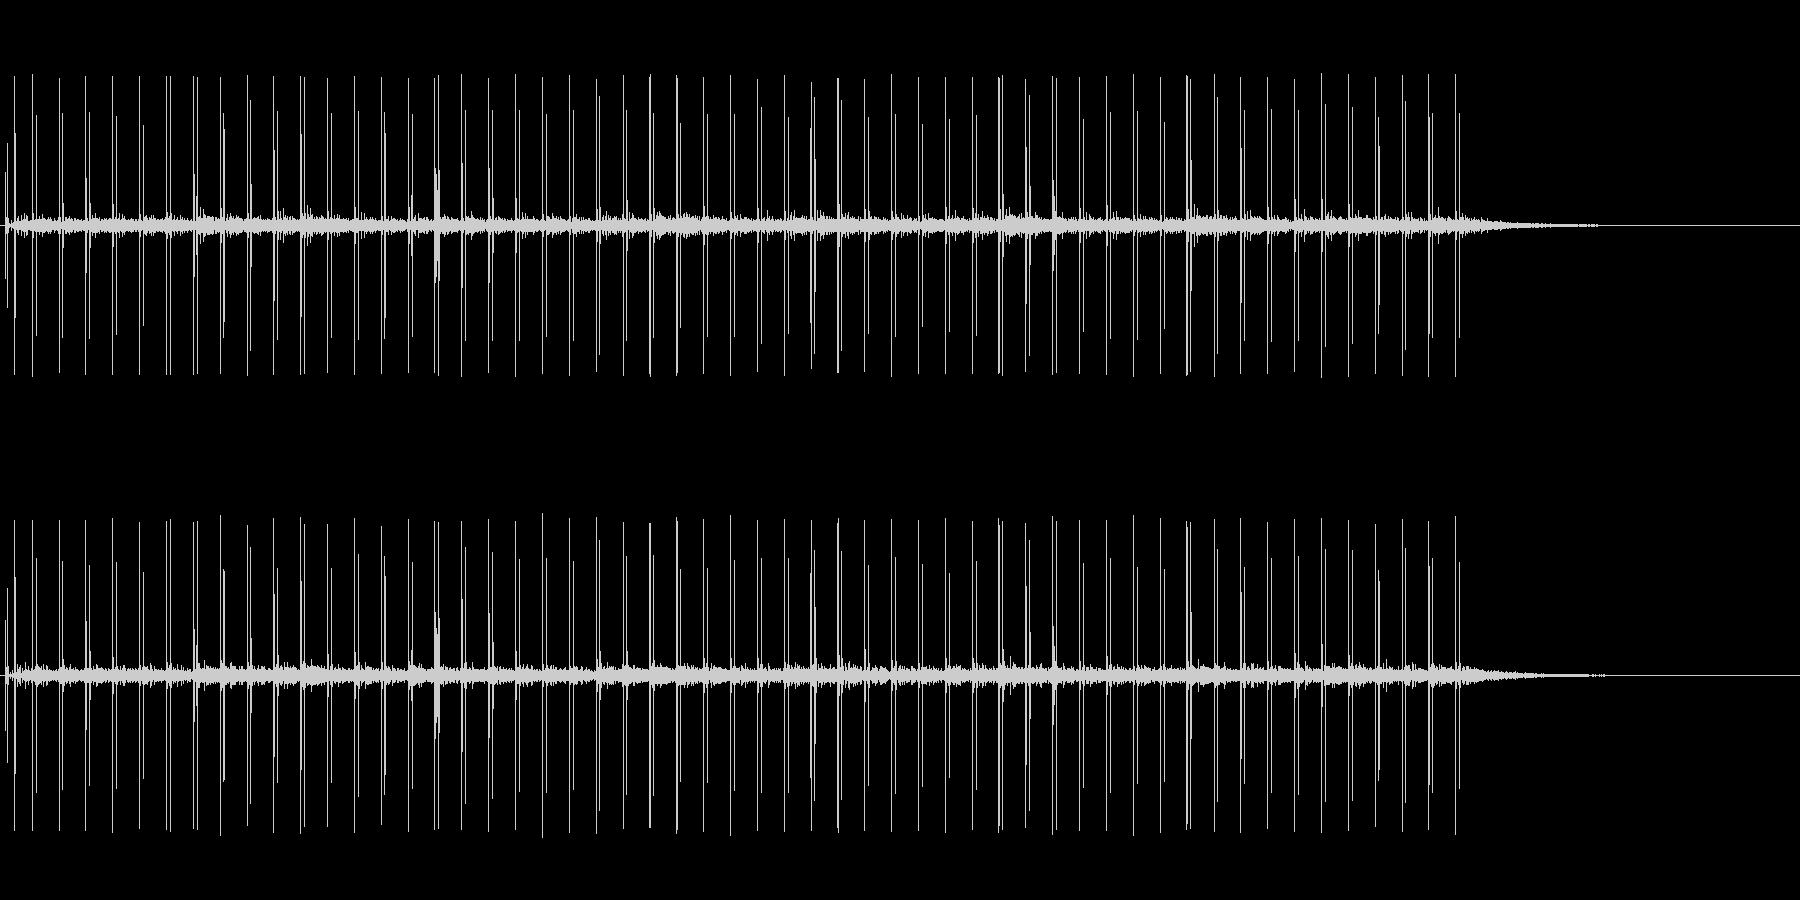 反響音のある、革靴で走る音の未再生の波形